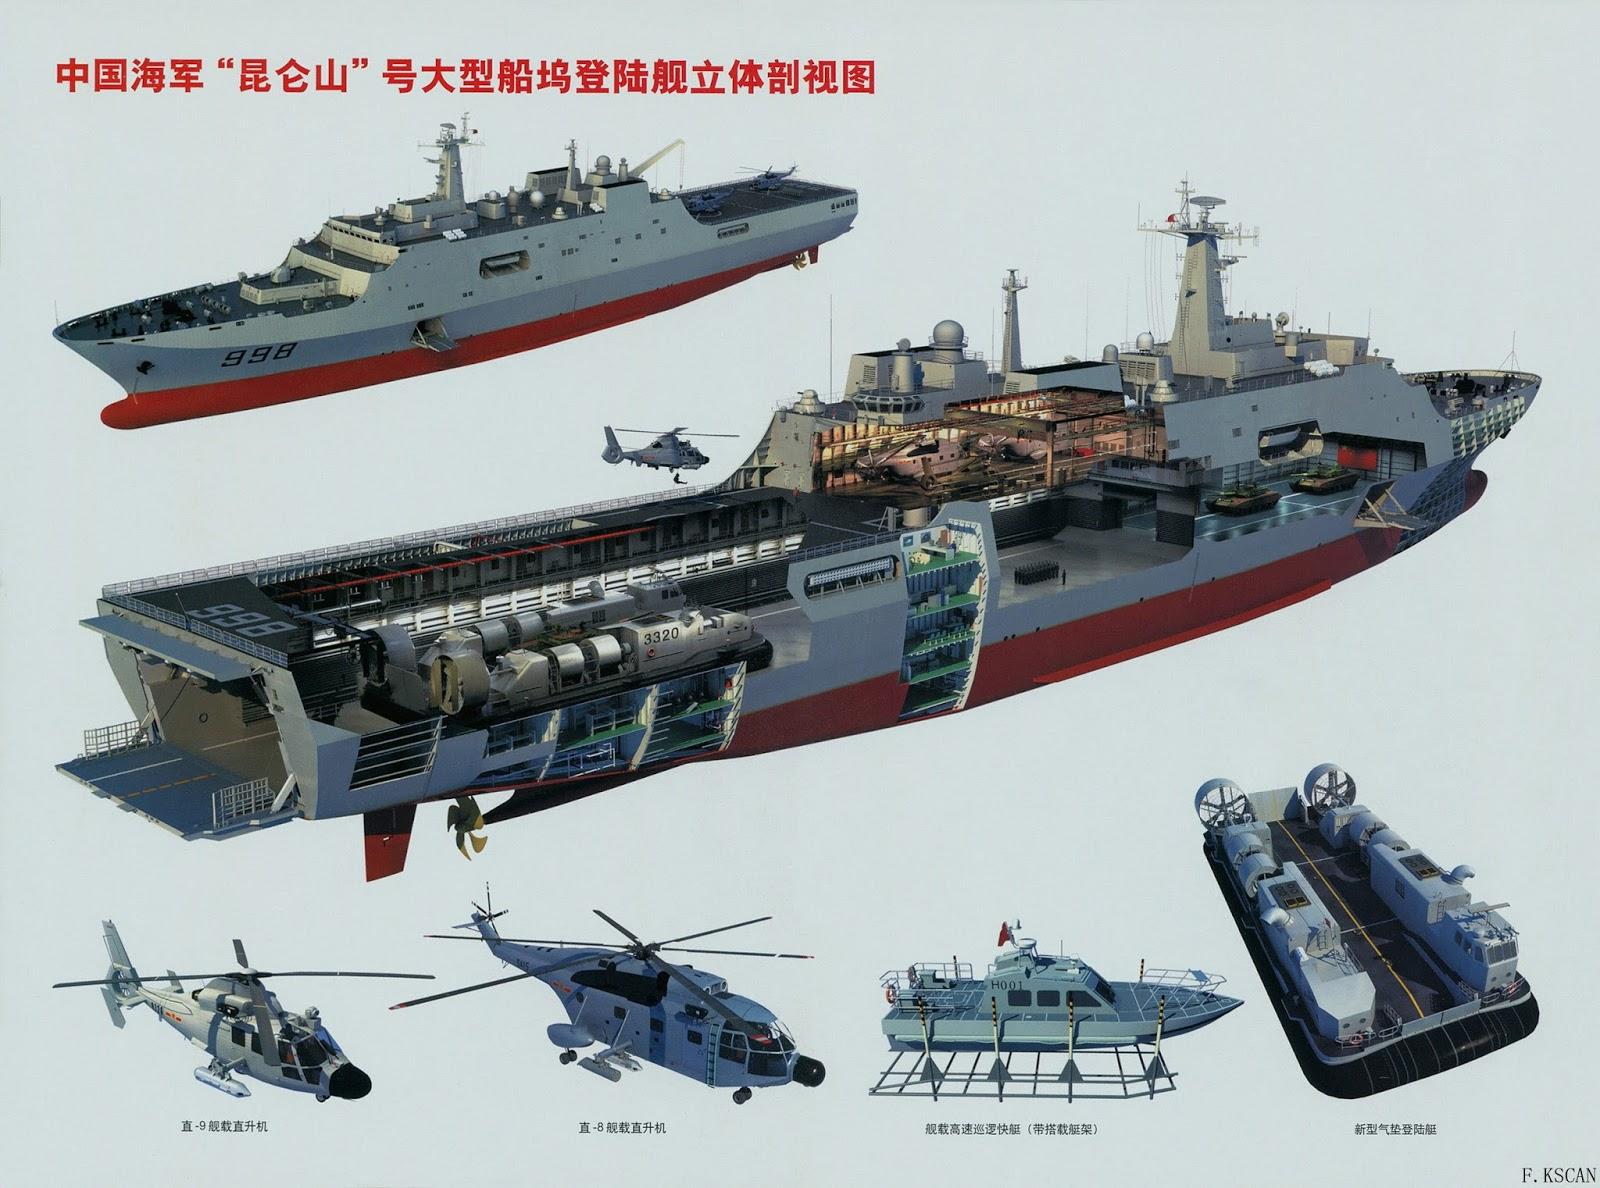 سفينه الانزال البرمائي Type 071 Yuzhao-class الصينيه  China+Type+071+amphibious+transport+dock%252C+or+landing+platform+dock+%2528LPD%2529++Type+071+%2528Yuzhao-class%2529+are+amphibious+warfare+ships+of+the+People%2527s+Republic+of+China%2527s+People%2527s+Liberation+Army+Navy+%25281%2529